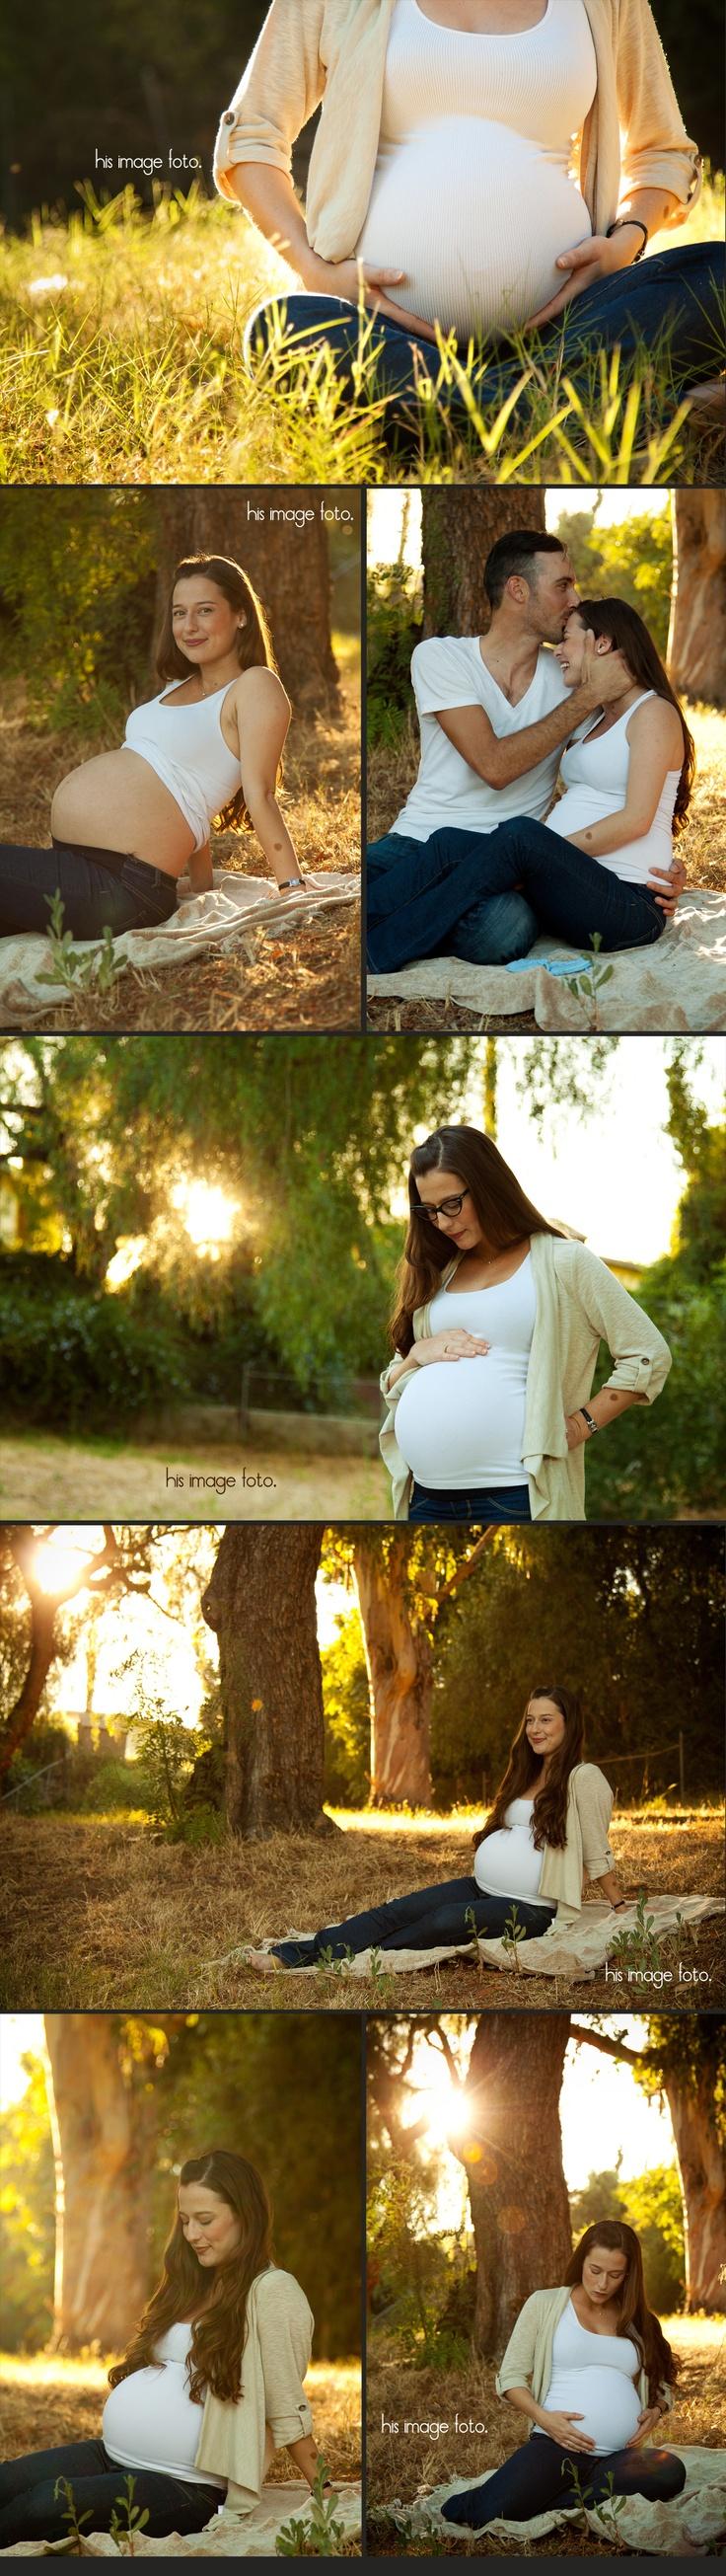 Pregnant, cute